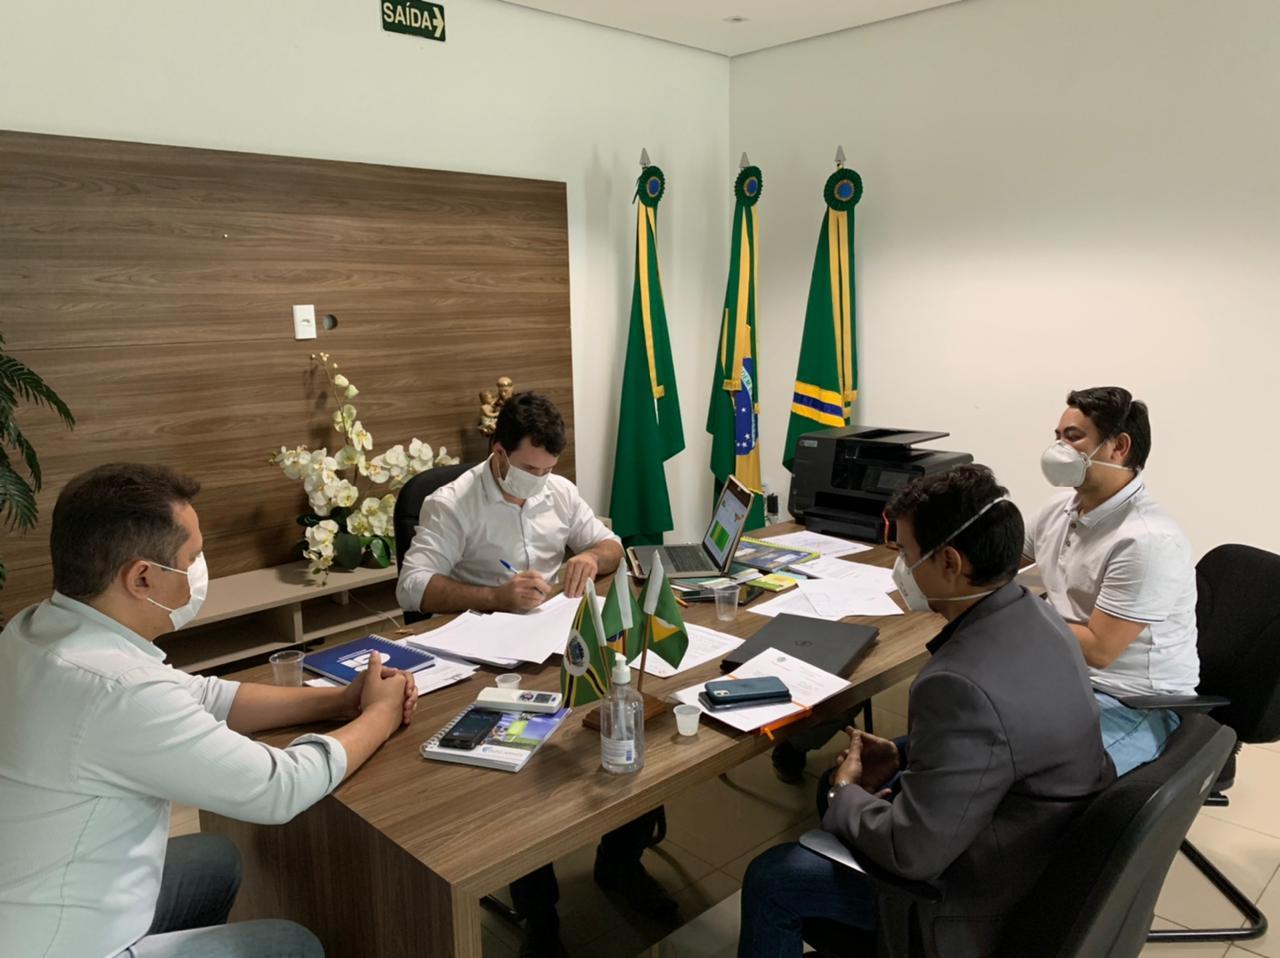 Prefeito de Barbalha prorroga estado de emergência no Município e determina medidas mais restritivas para conter o avanço da covid-19